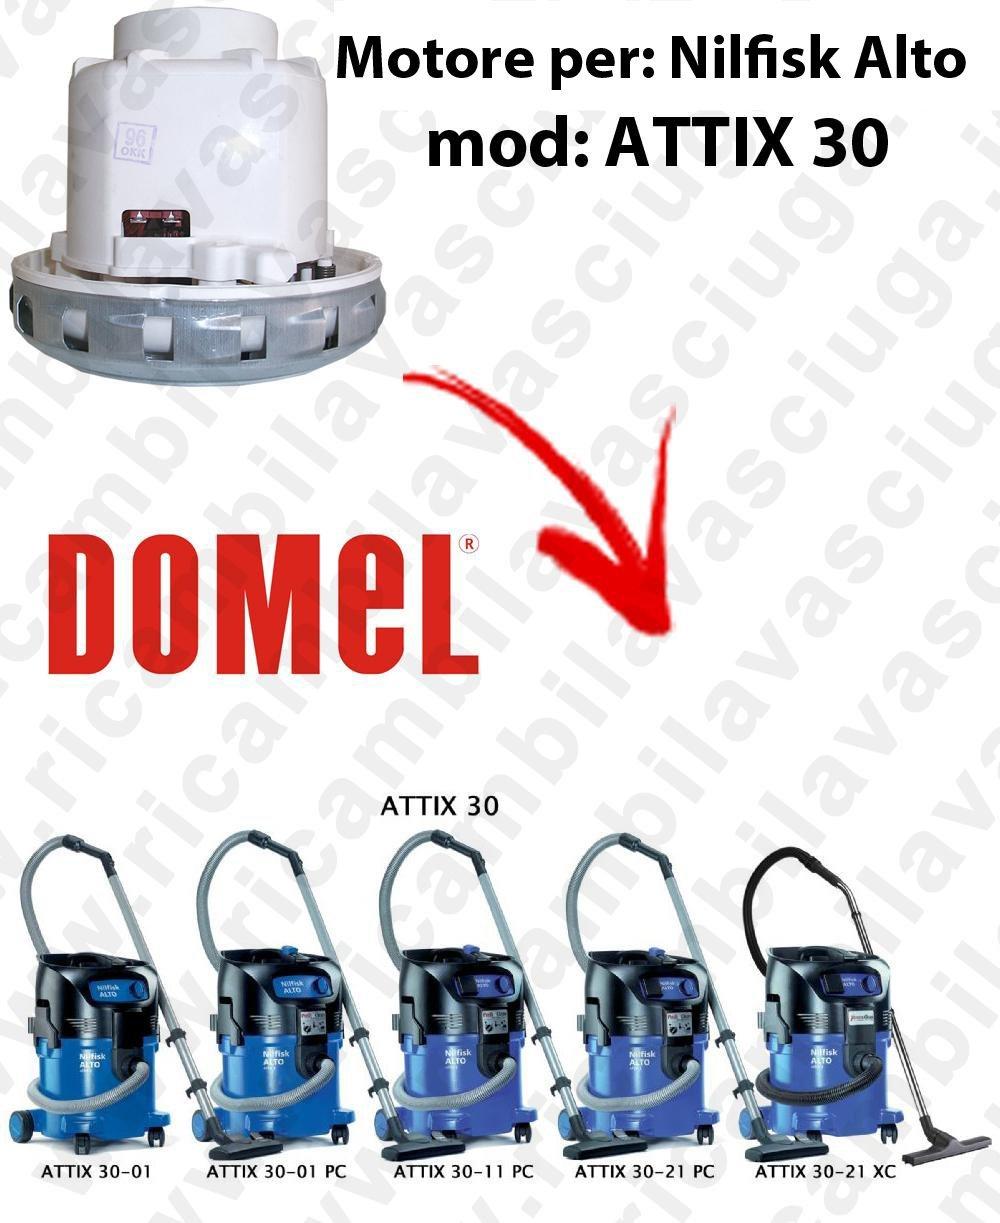 DOMEL Para Motor de Aspiradora NILFISK ALTO ATTIX 30: Amazon.es: Industria, empresas y ciencia